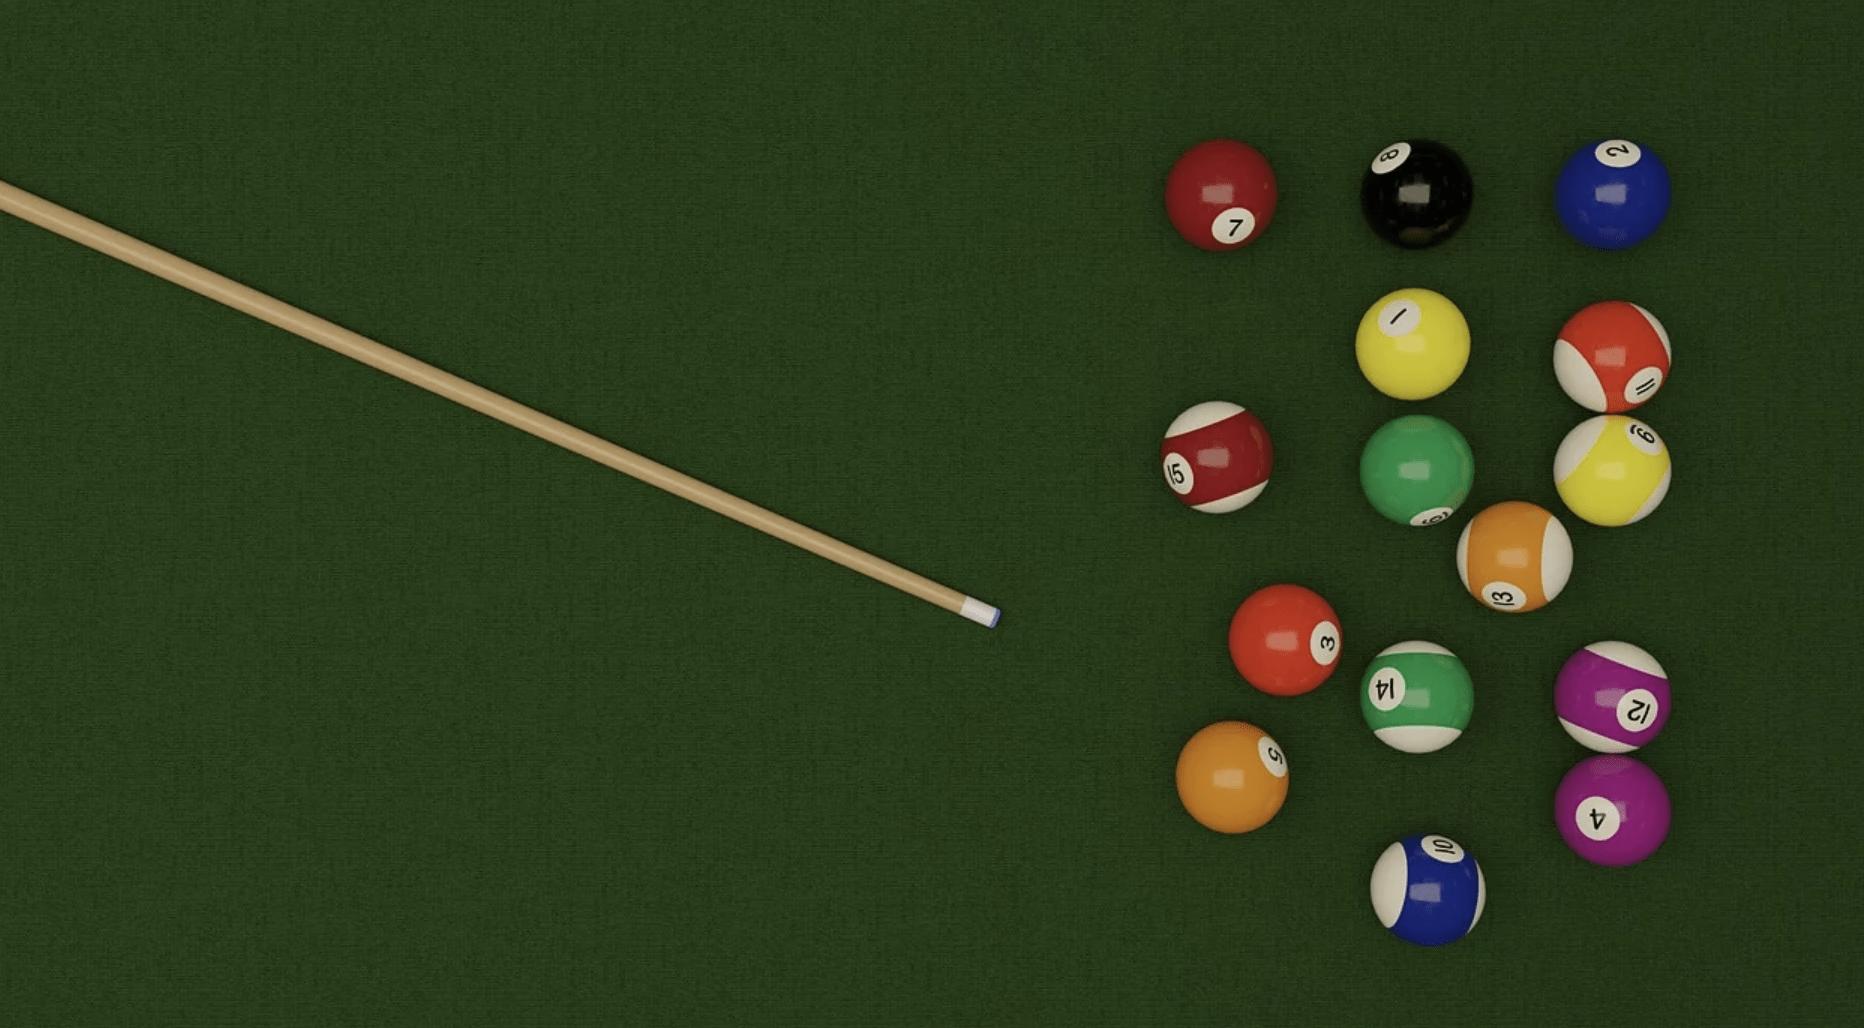 Pool cues of intermediate